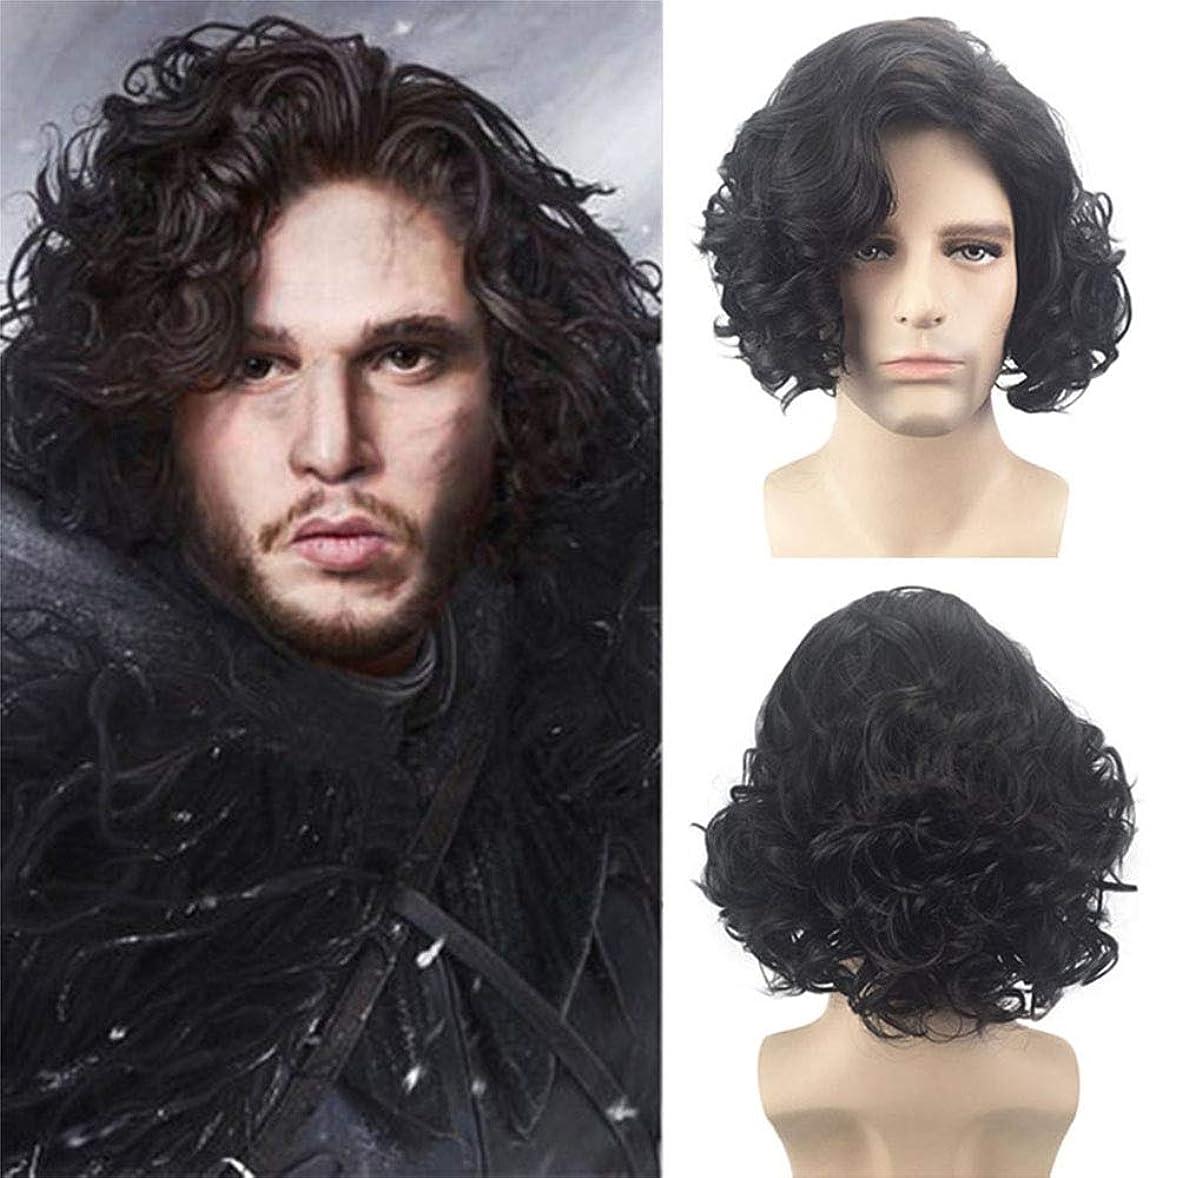 お願いしますポゴスティックジャンプリファイン無料のかつら黒36 cmで短い巻き毛の自然な合成ファッションかつらのための男性用かつら